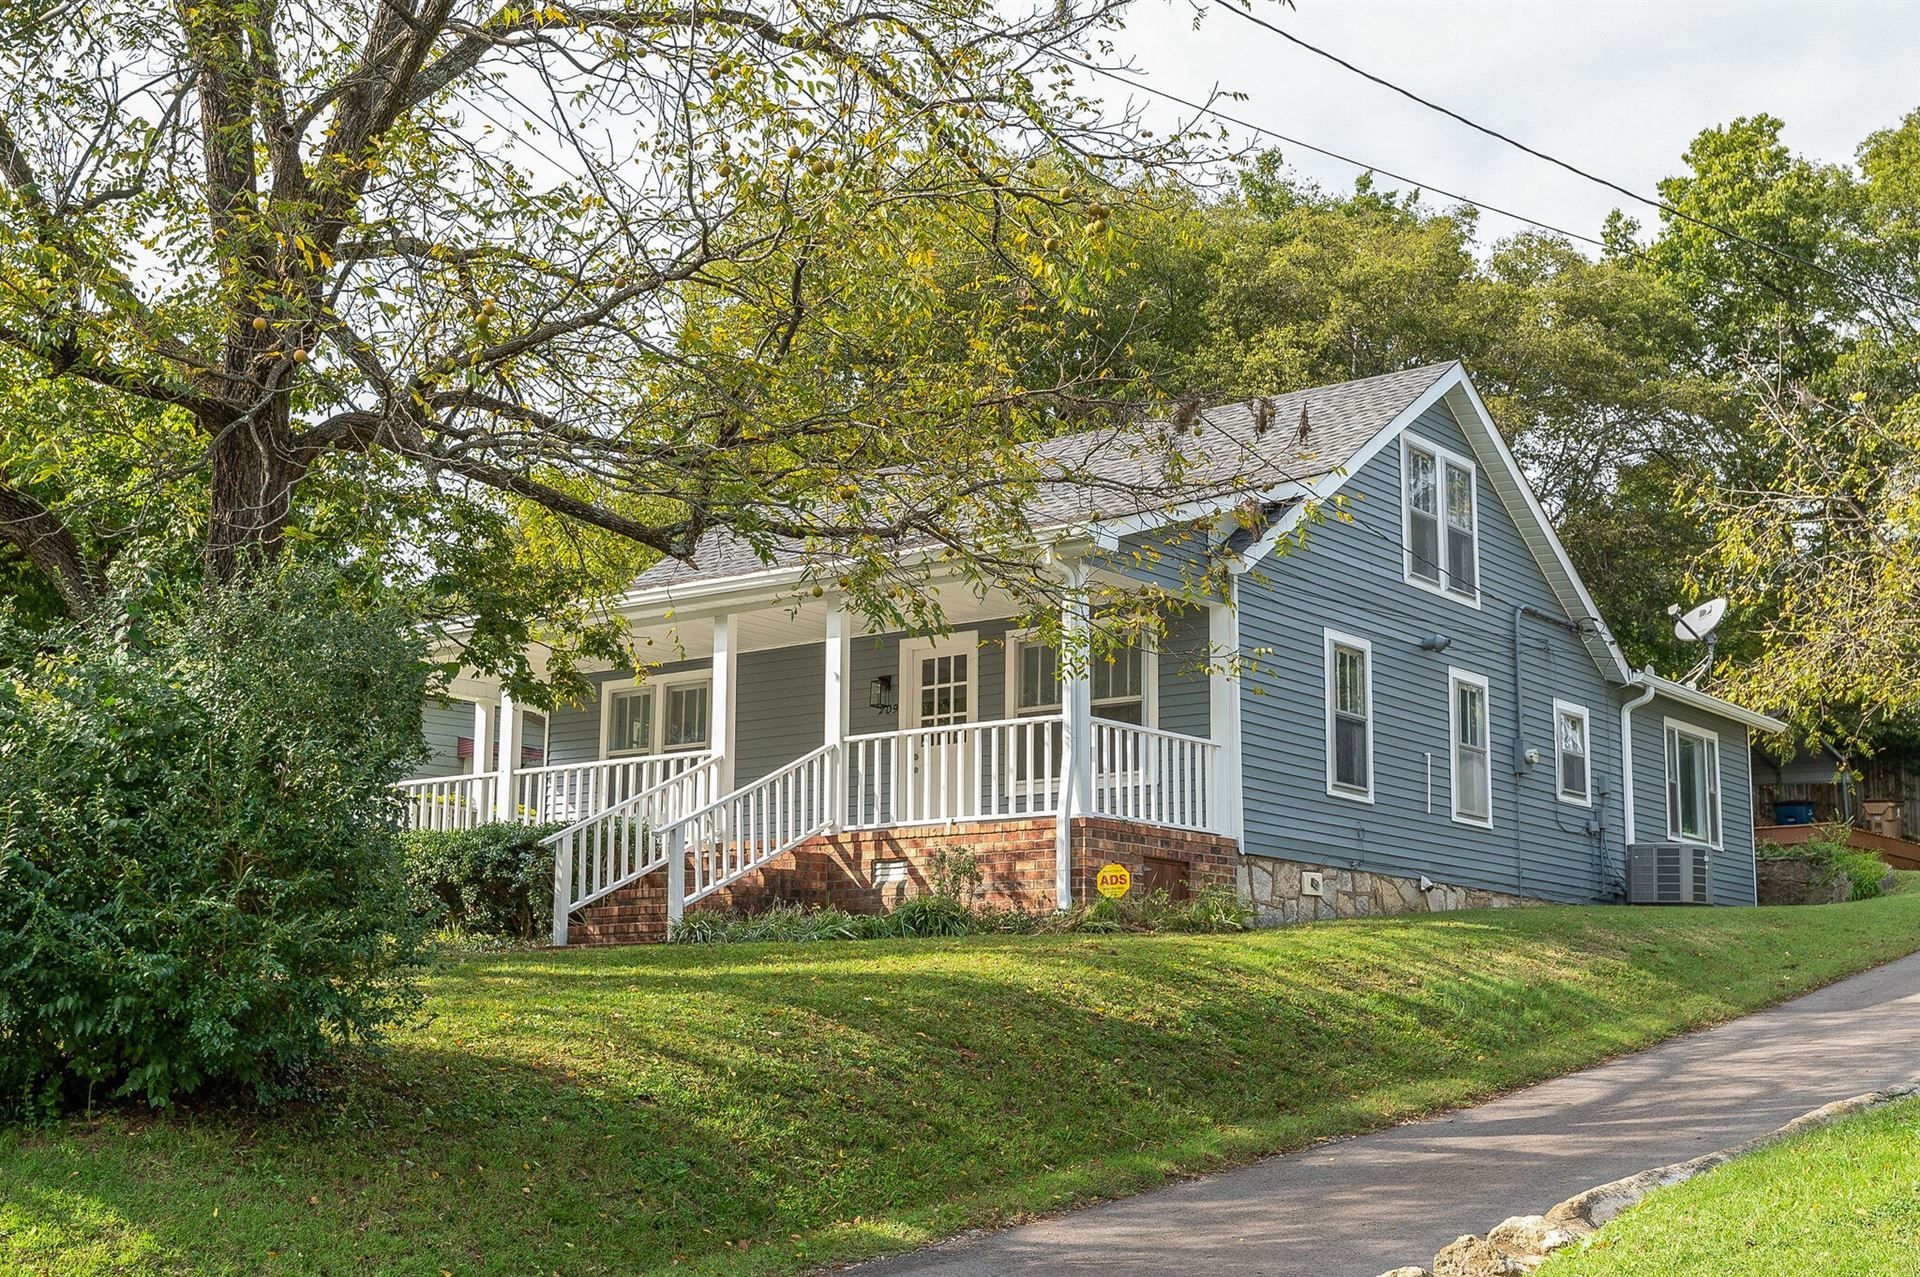 209 W Cedar St, Goodlettsville, TN 37072 - MLS#: 2300667